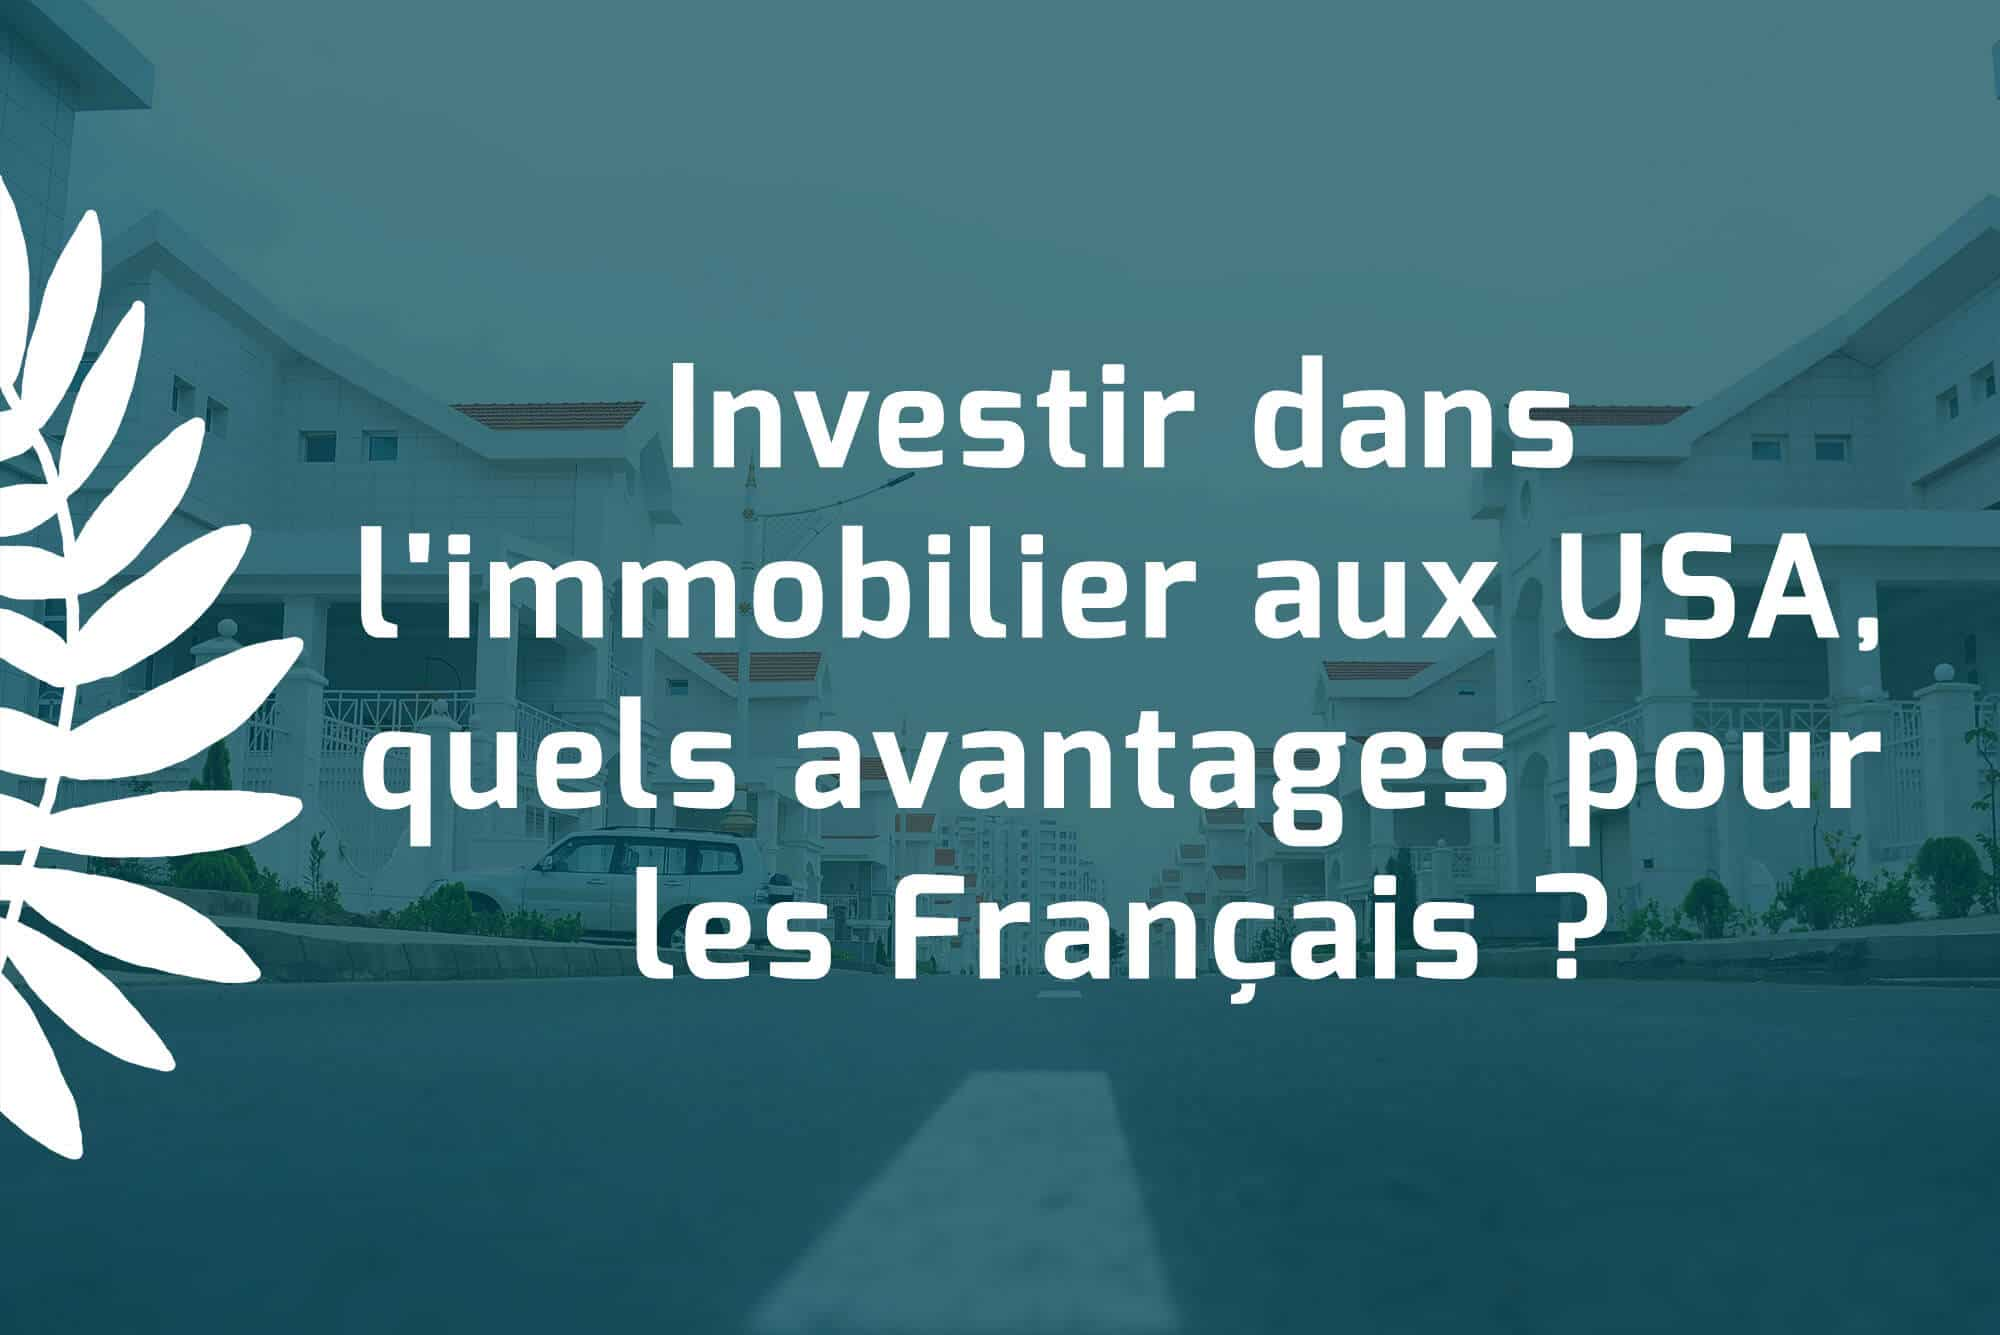 Investir dans l'immobilier aux USA, quels avantages pour les Français ?